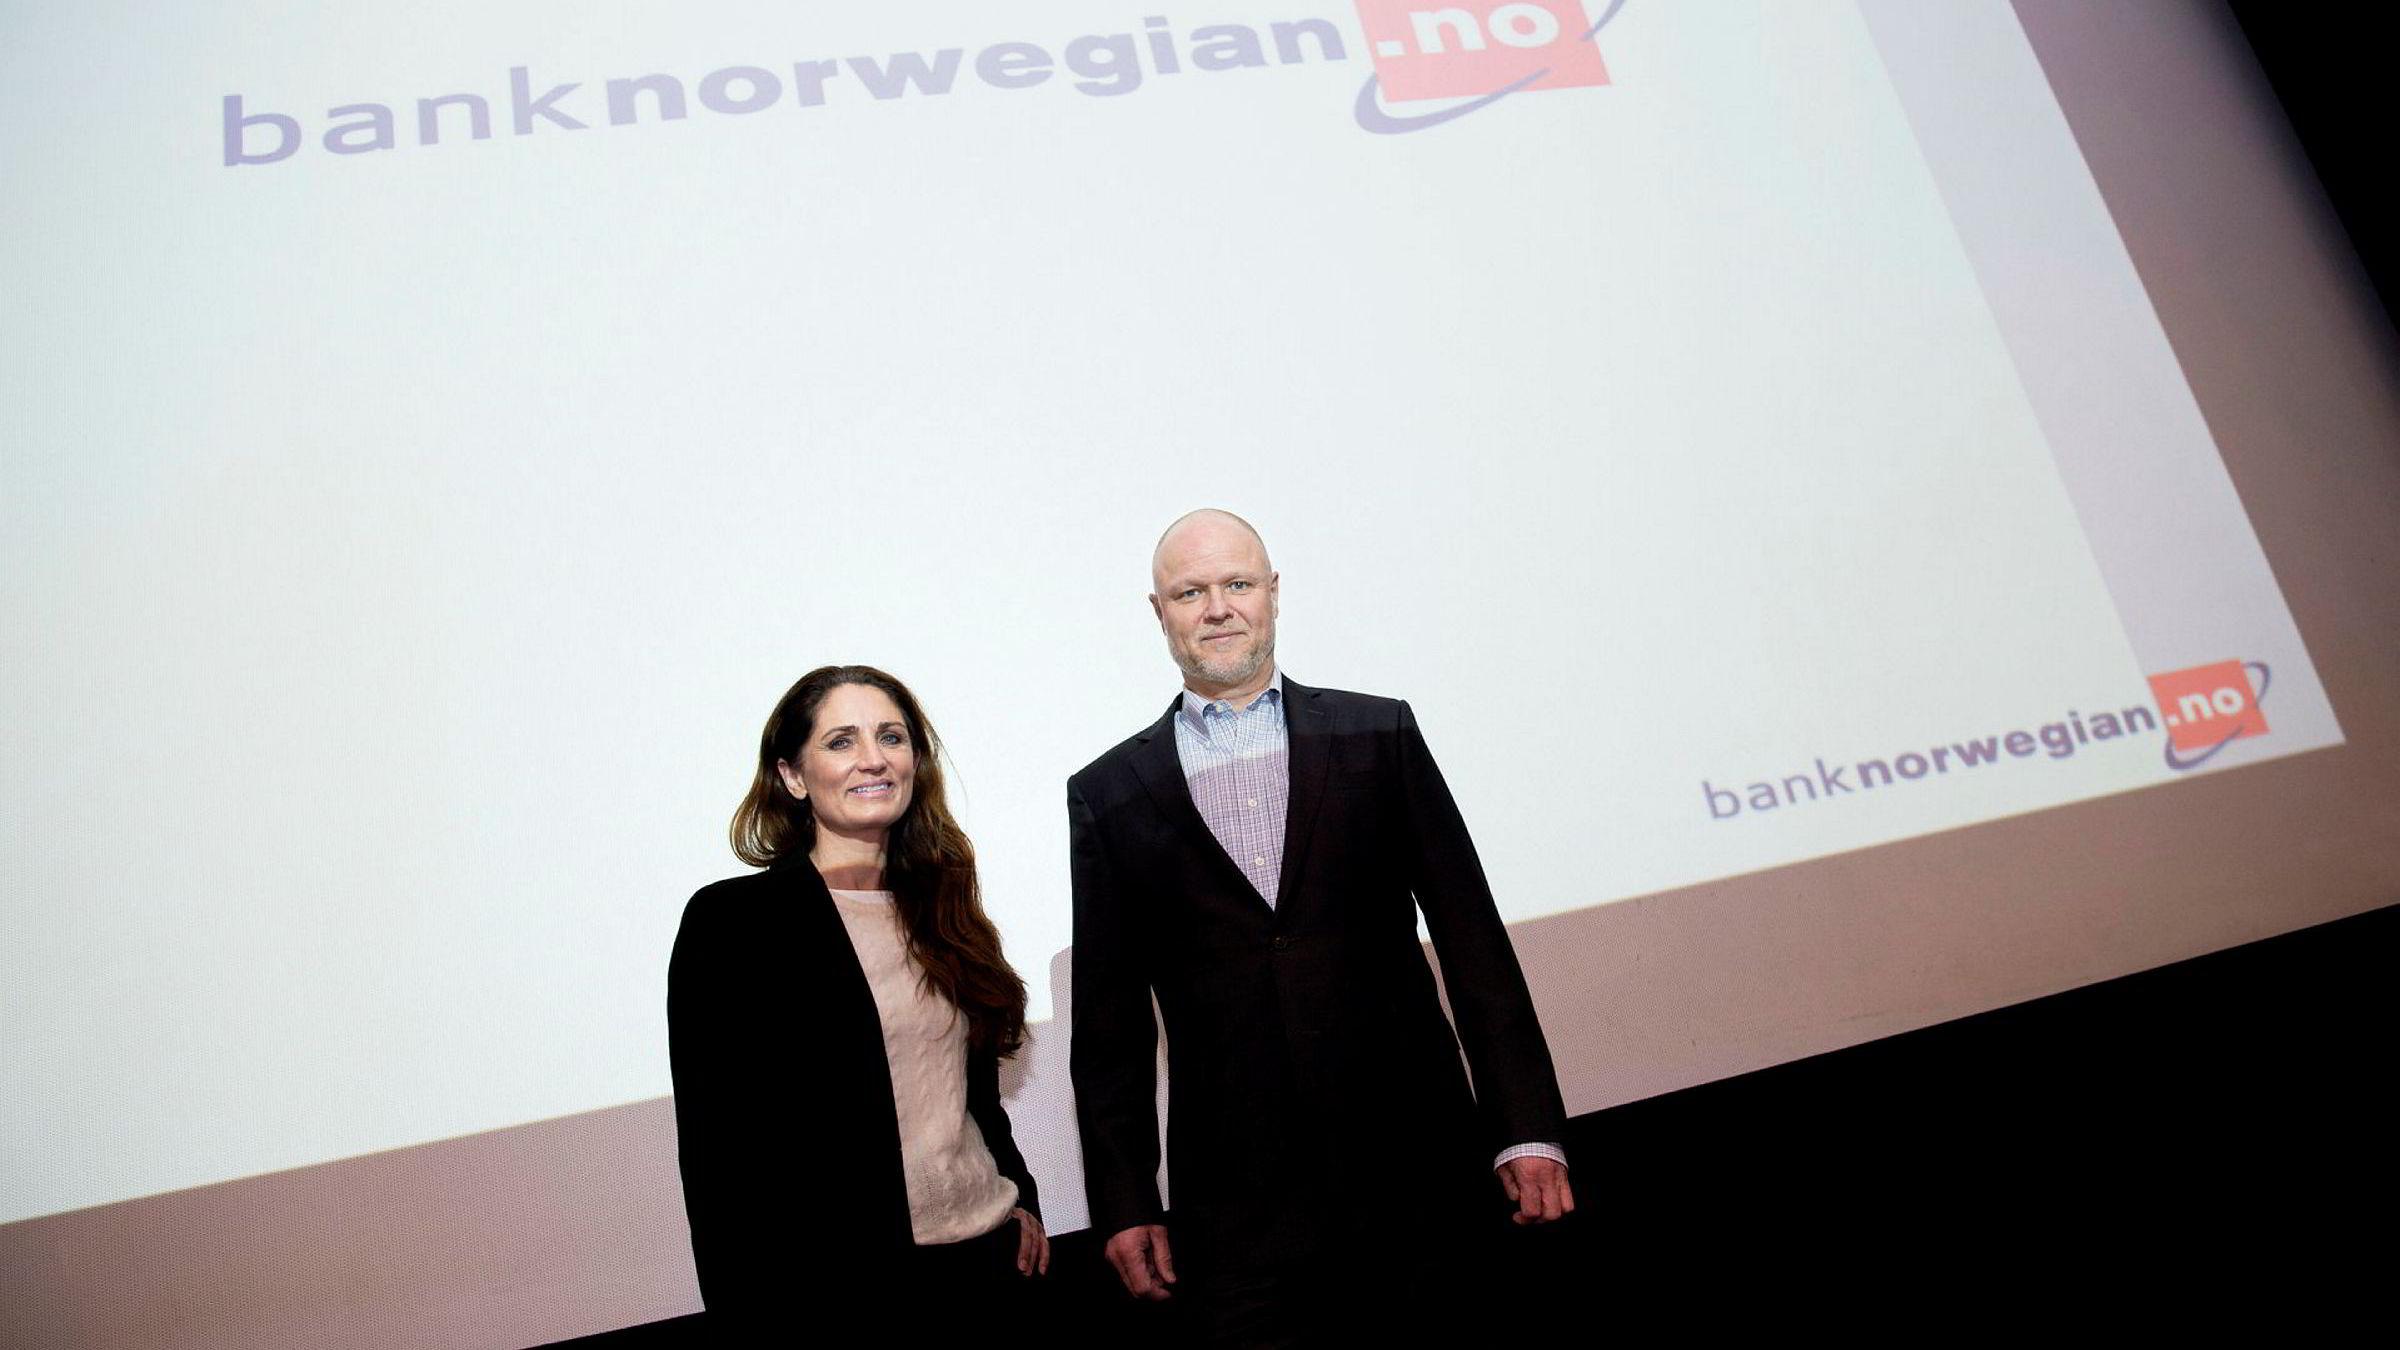 Pål Svenkerud er konstituert administrerende direktør i Bank Norwegian. Tine Wollebekk skal overta sjefsjobben, men vet ikke helt når.